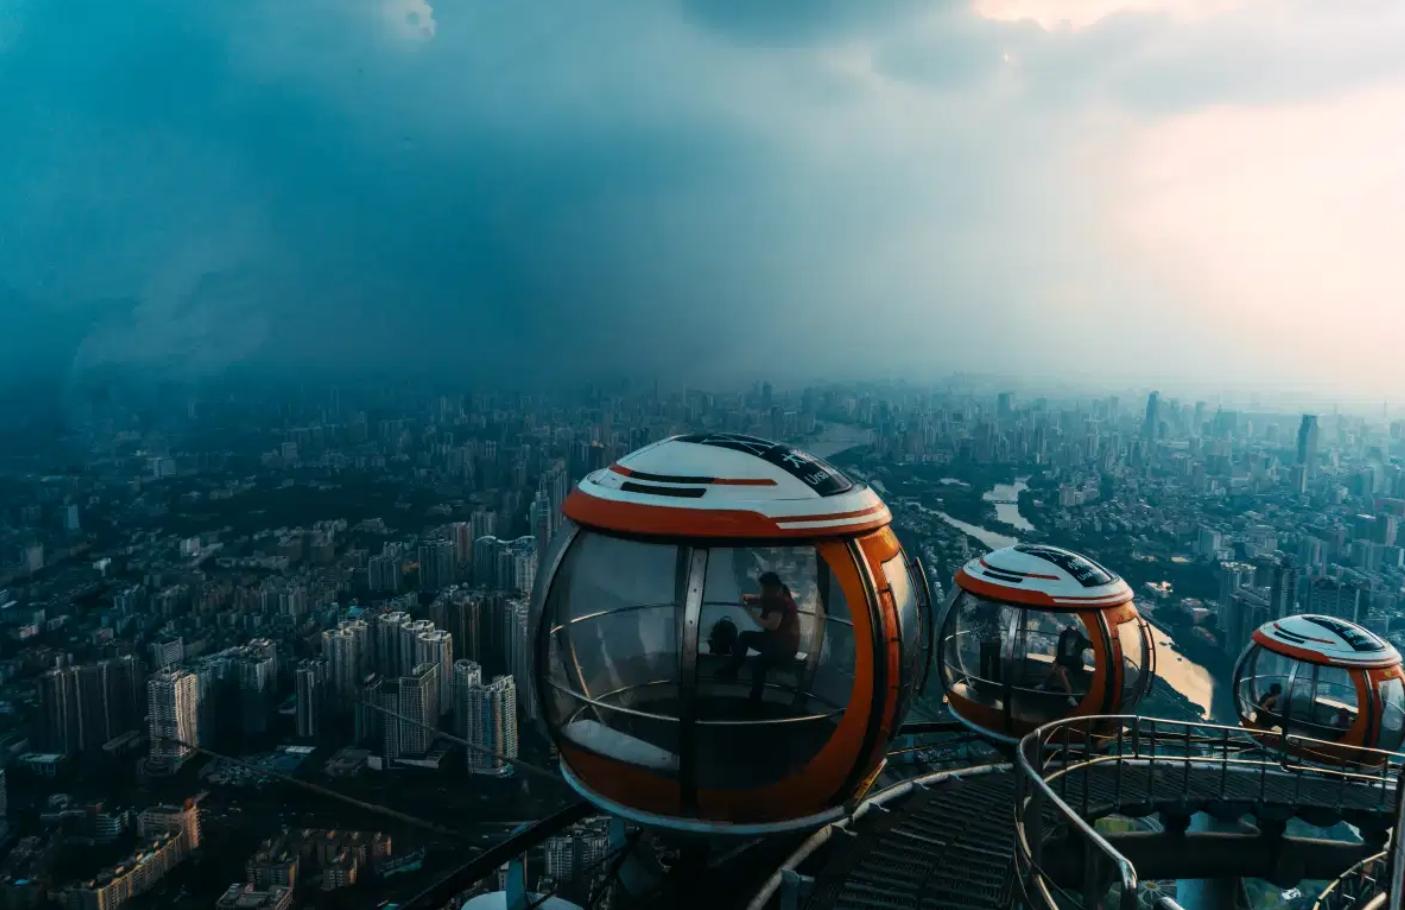 ¿Cómo sería una ciudad utópica? el proyecto Telosa, de Marc Lore 3